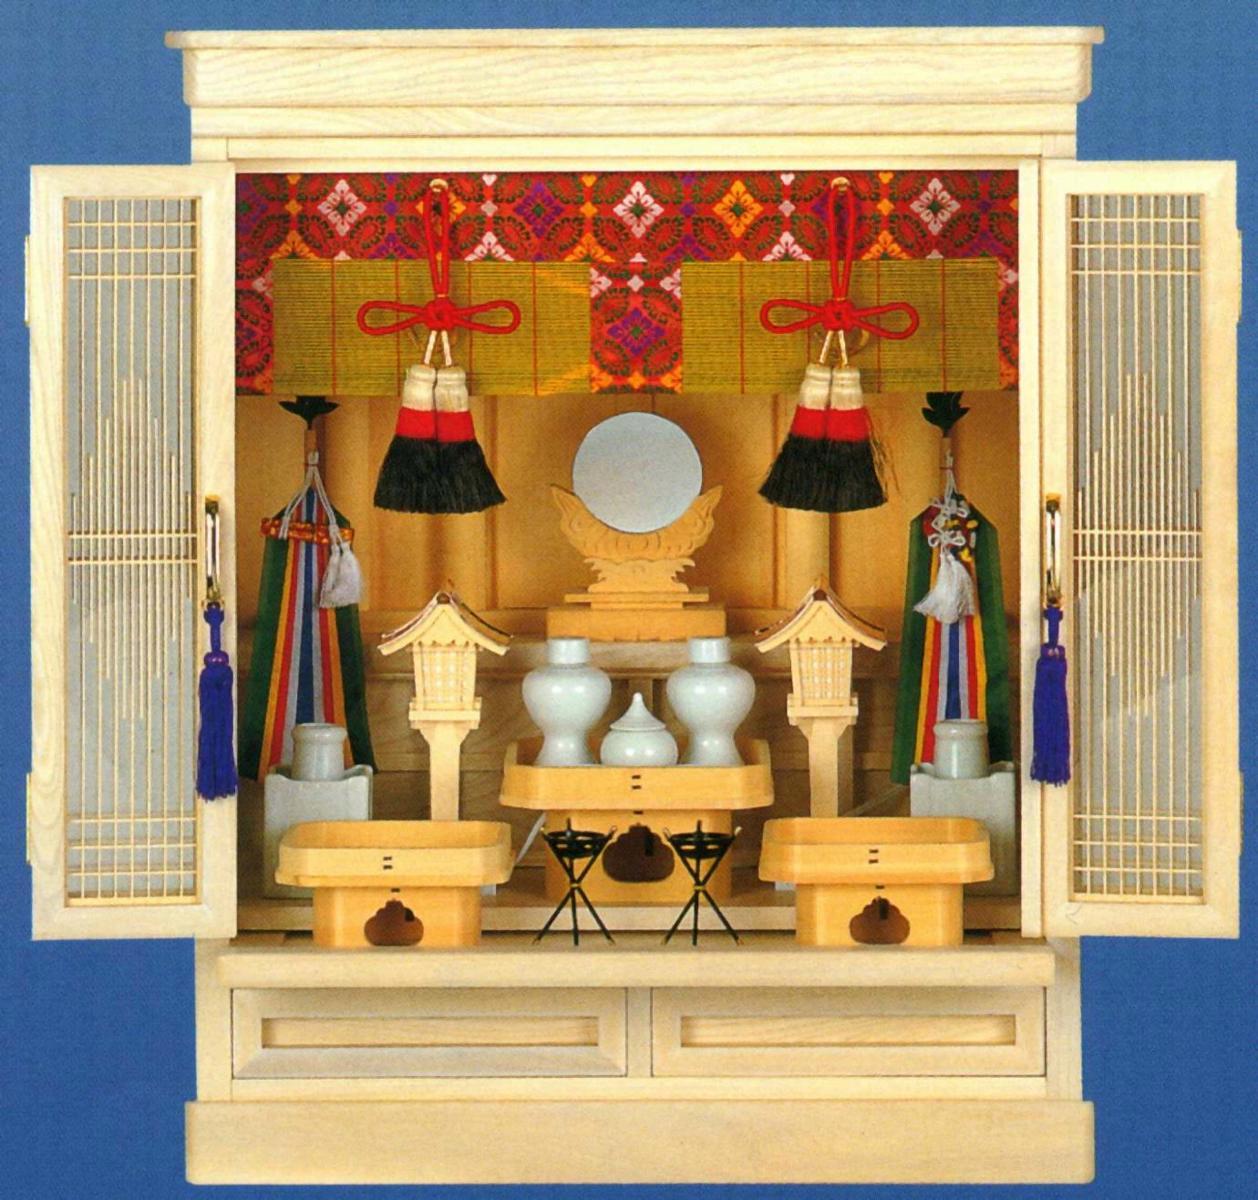 特選 祭壇宮 70%OFFアウトレット 白雲 無料サンプルOK 祖霊舎 神具 御霊舎特選 送料無料